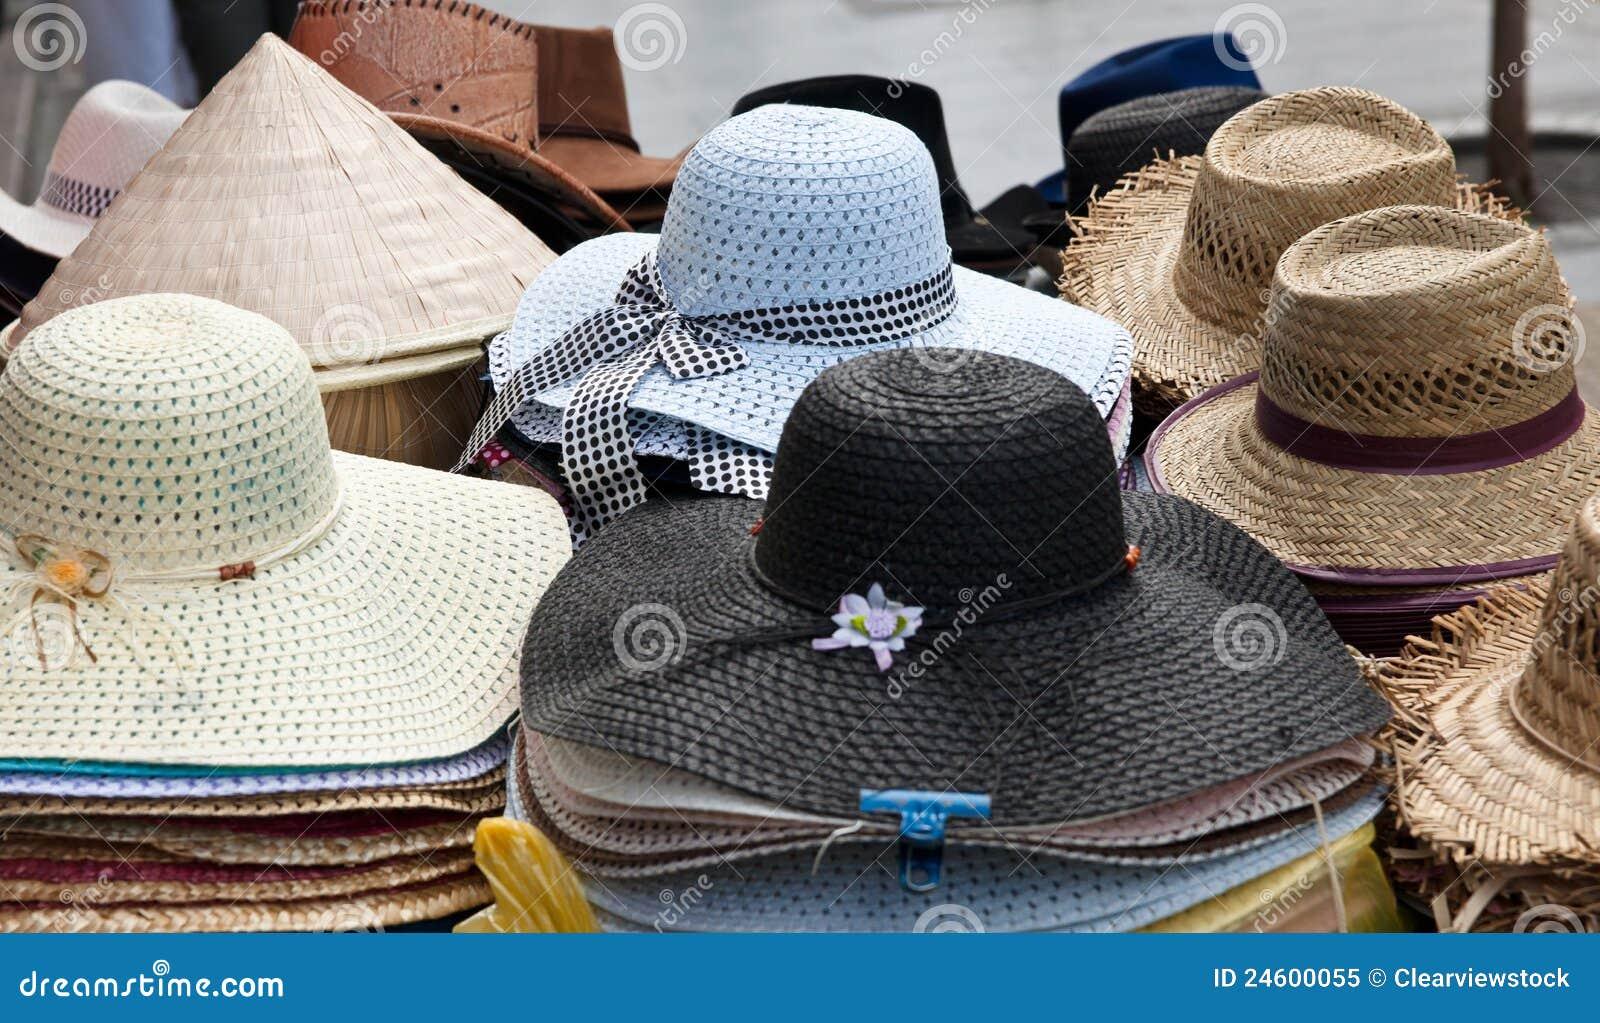 f54dbe8c90 Las porciones de sombreros para la venta en foco de mercado están en el  sombrero azul